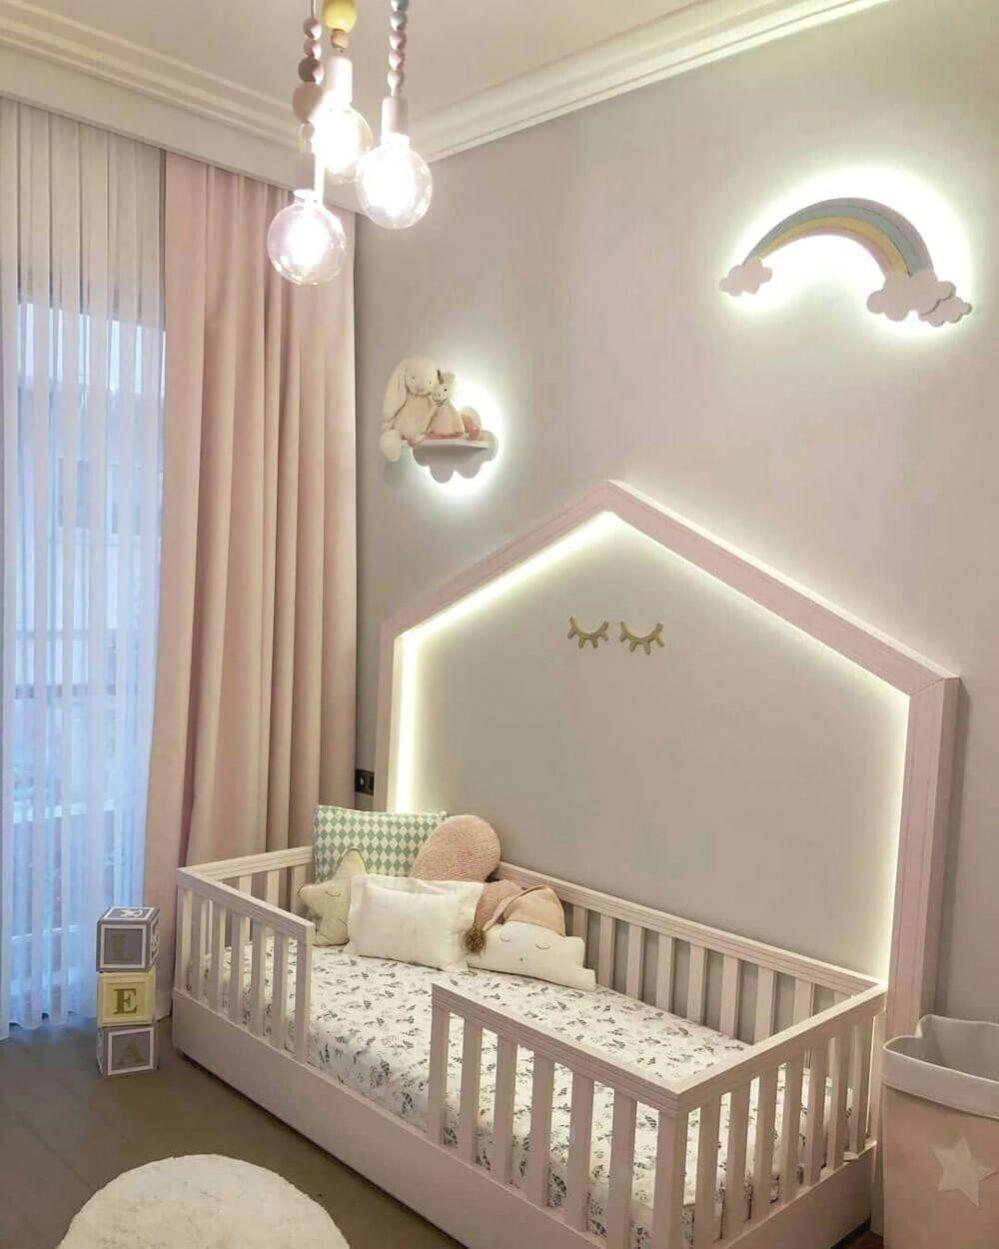 Die Goldene Regel Fur Baby Zimmer Deko Ideen In 2020 Babyzimmer Wandgestaltung Madchen Zimmer Ideen Kinder Zimmer